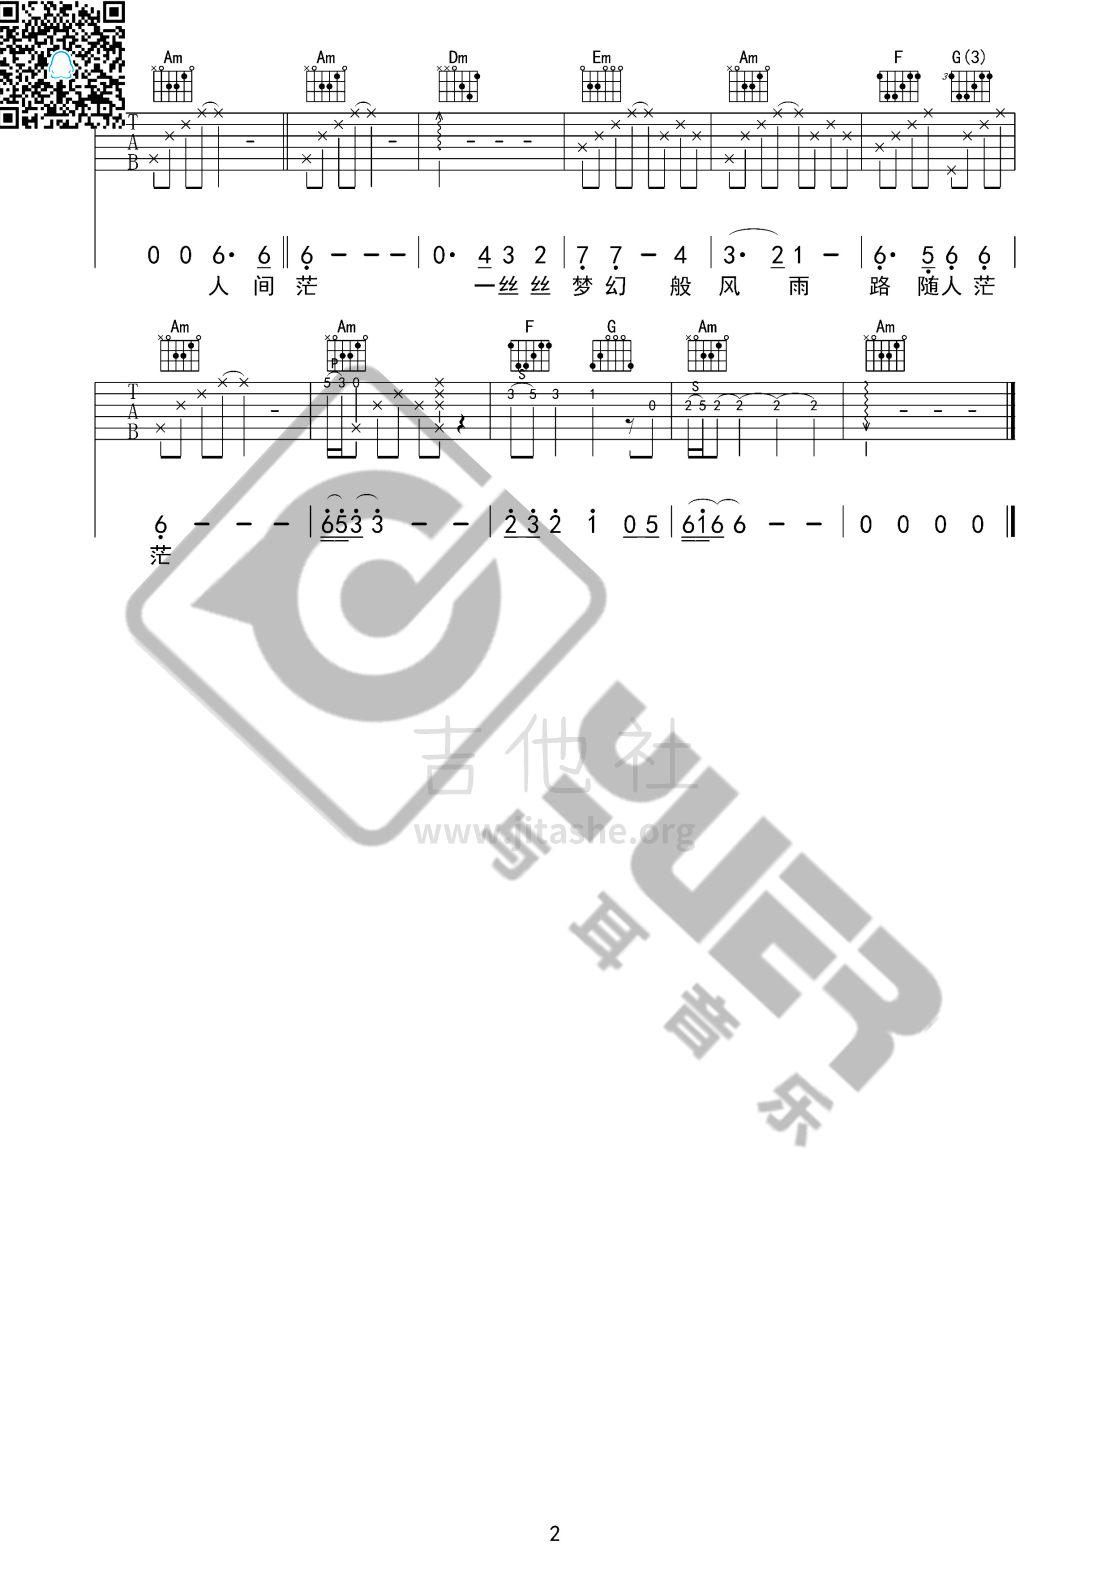 倩女幽魂(与耳音乐)吉他谱(图片谱,弹唱)_张国荣(Leslie Cheung)_倩女幽魂02.jpg